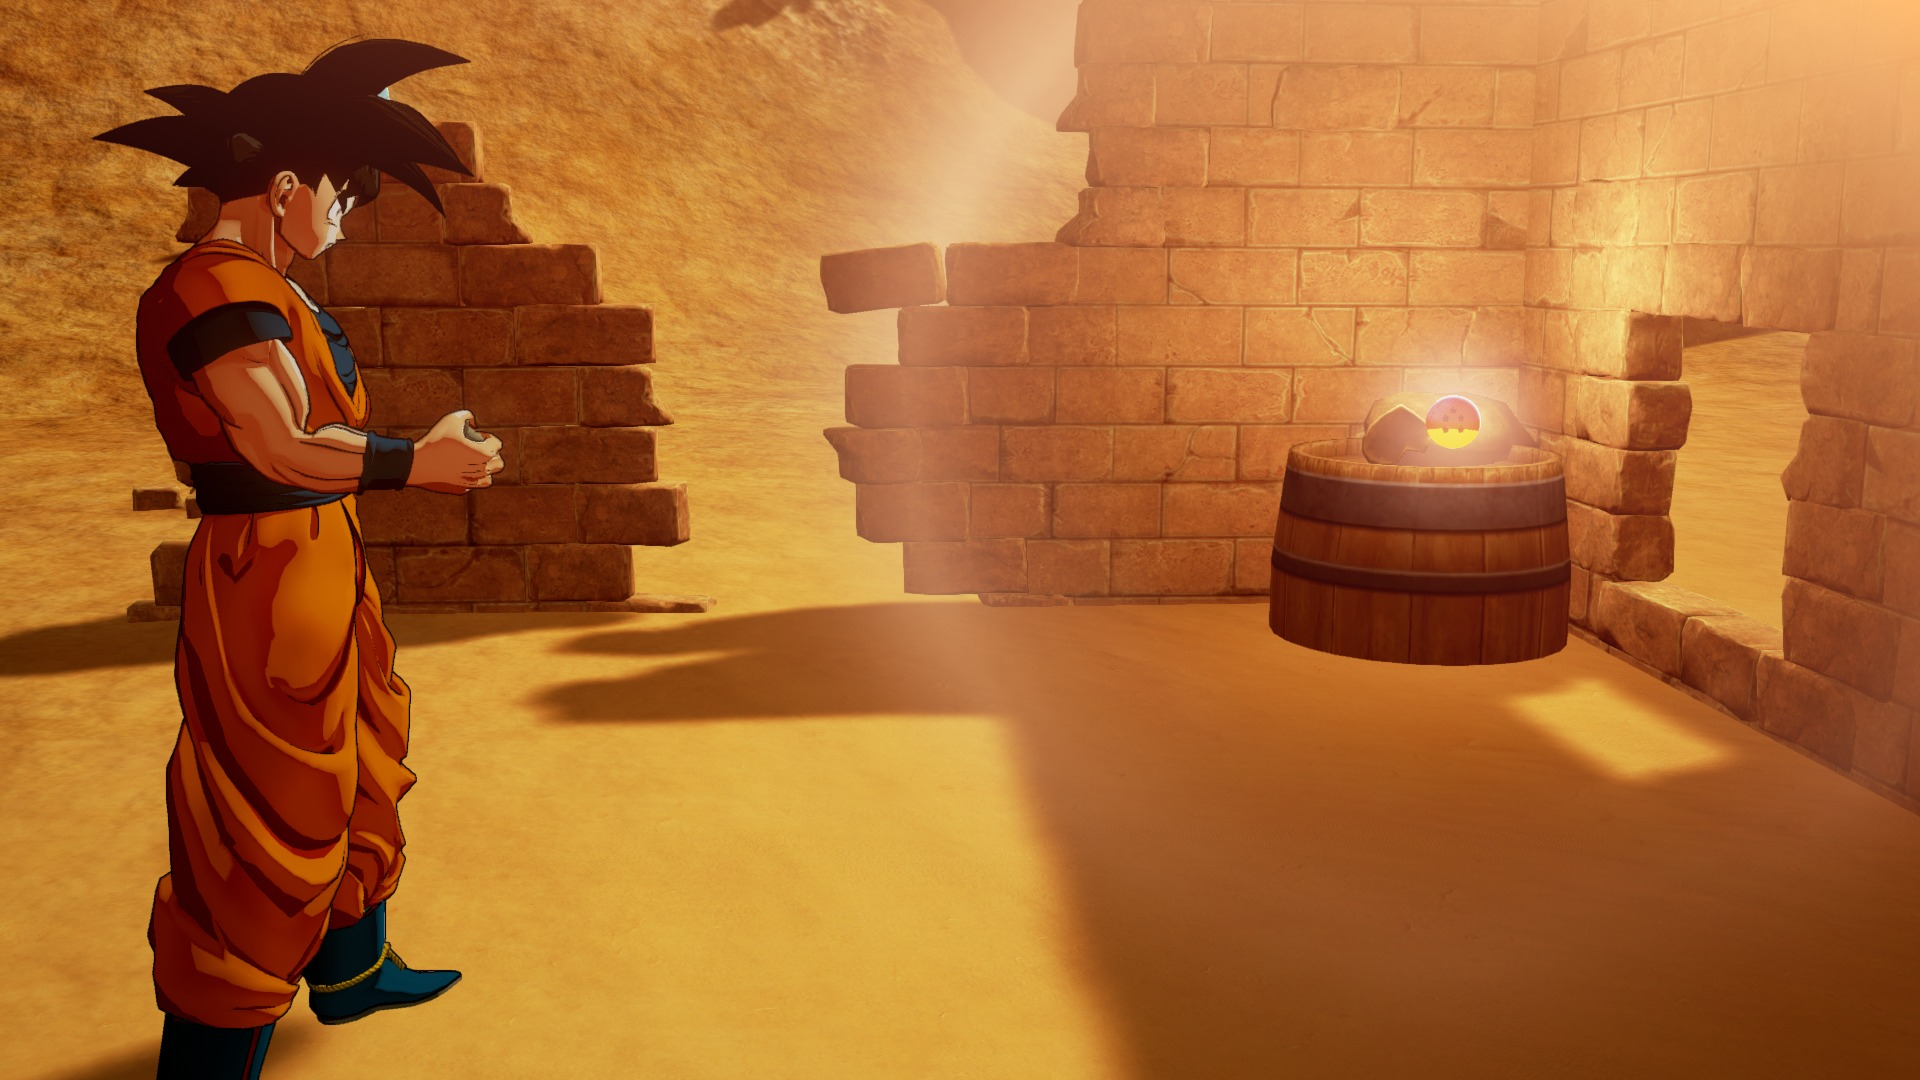 收集龙珠 《龙珠Z:卡卡罗特》反派视觉图更新